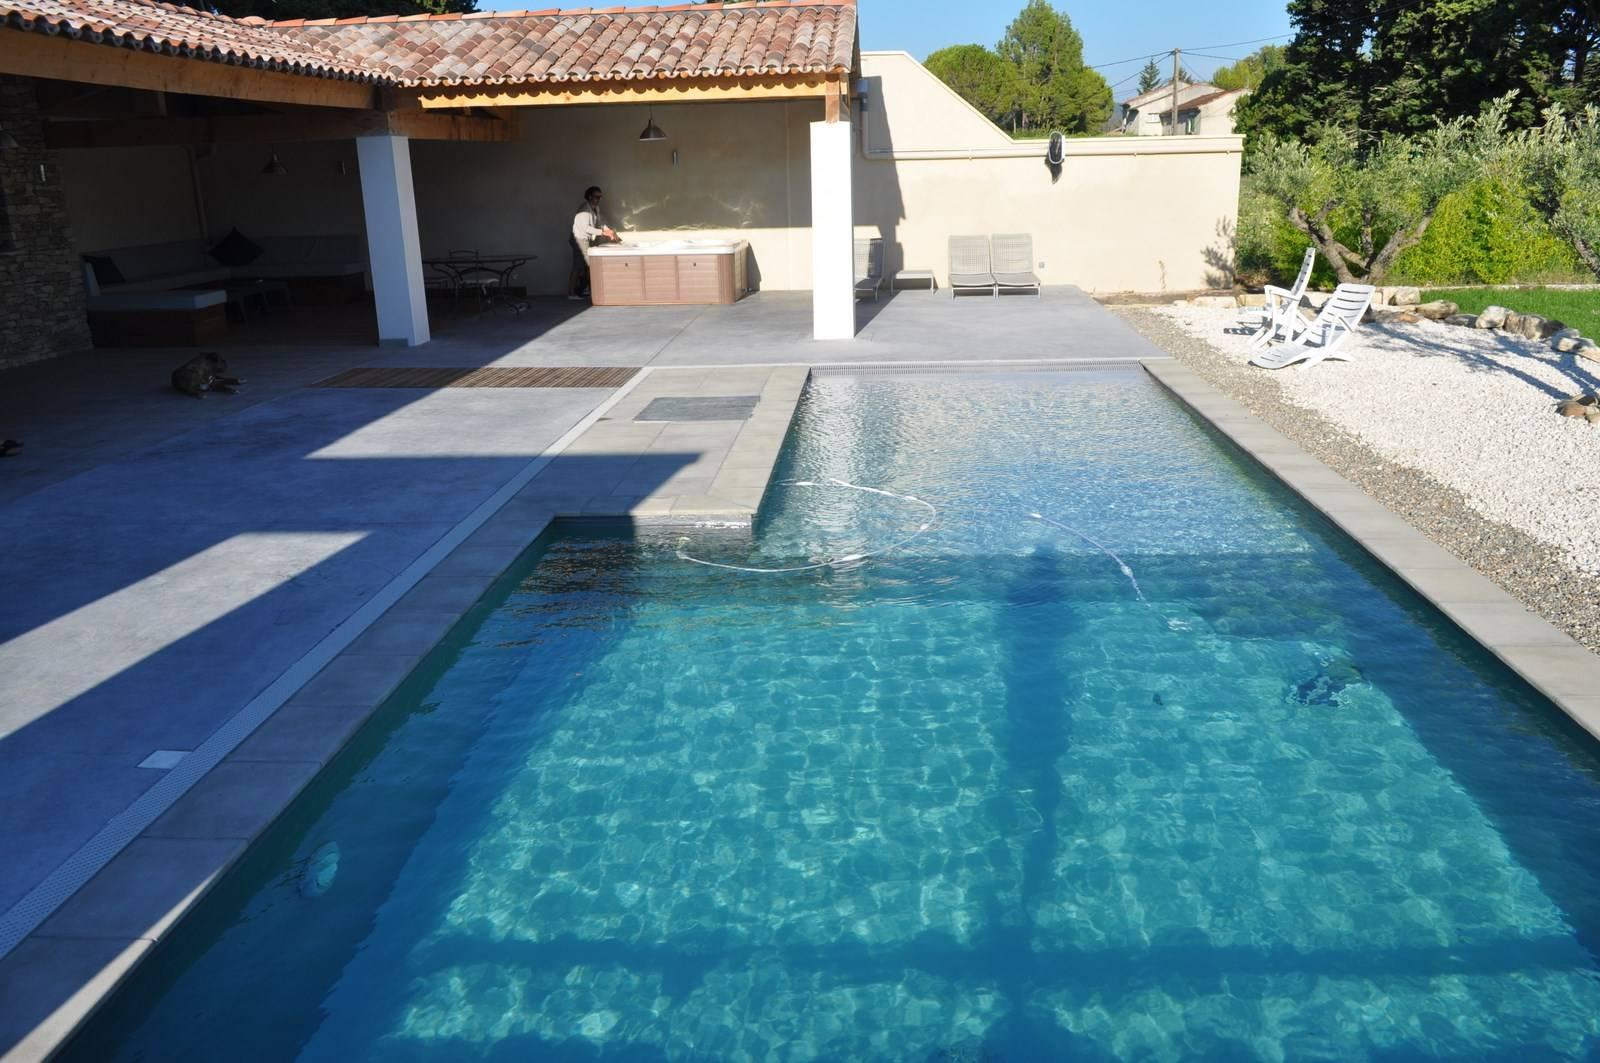 Piscine Beton Avec Plage Immergée construction d'une piscine avec plage immergée et d'un pool